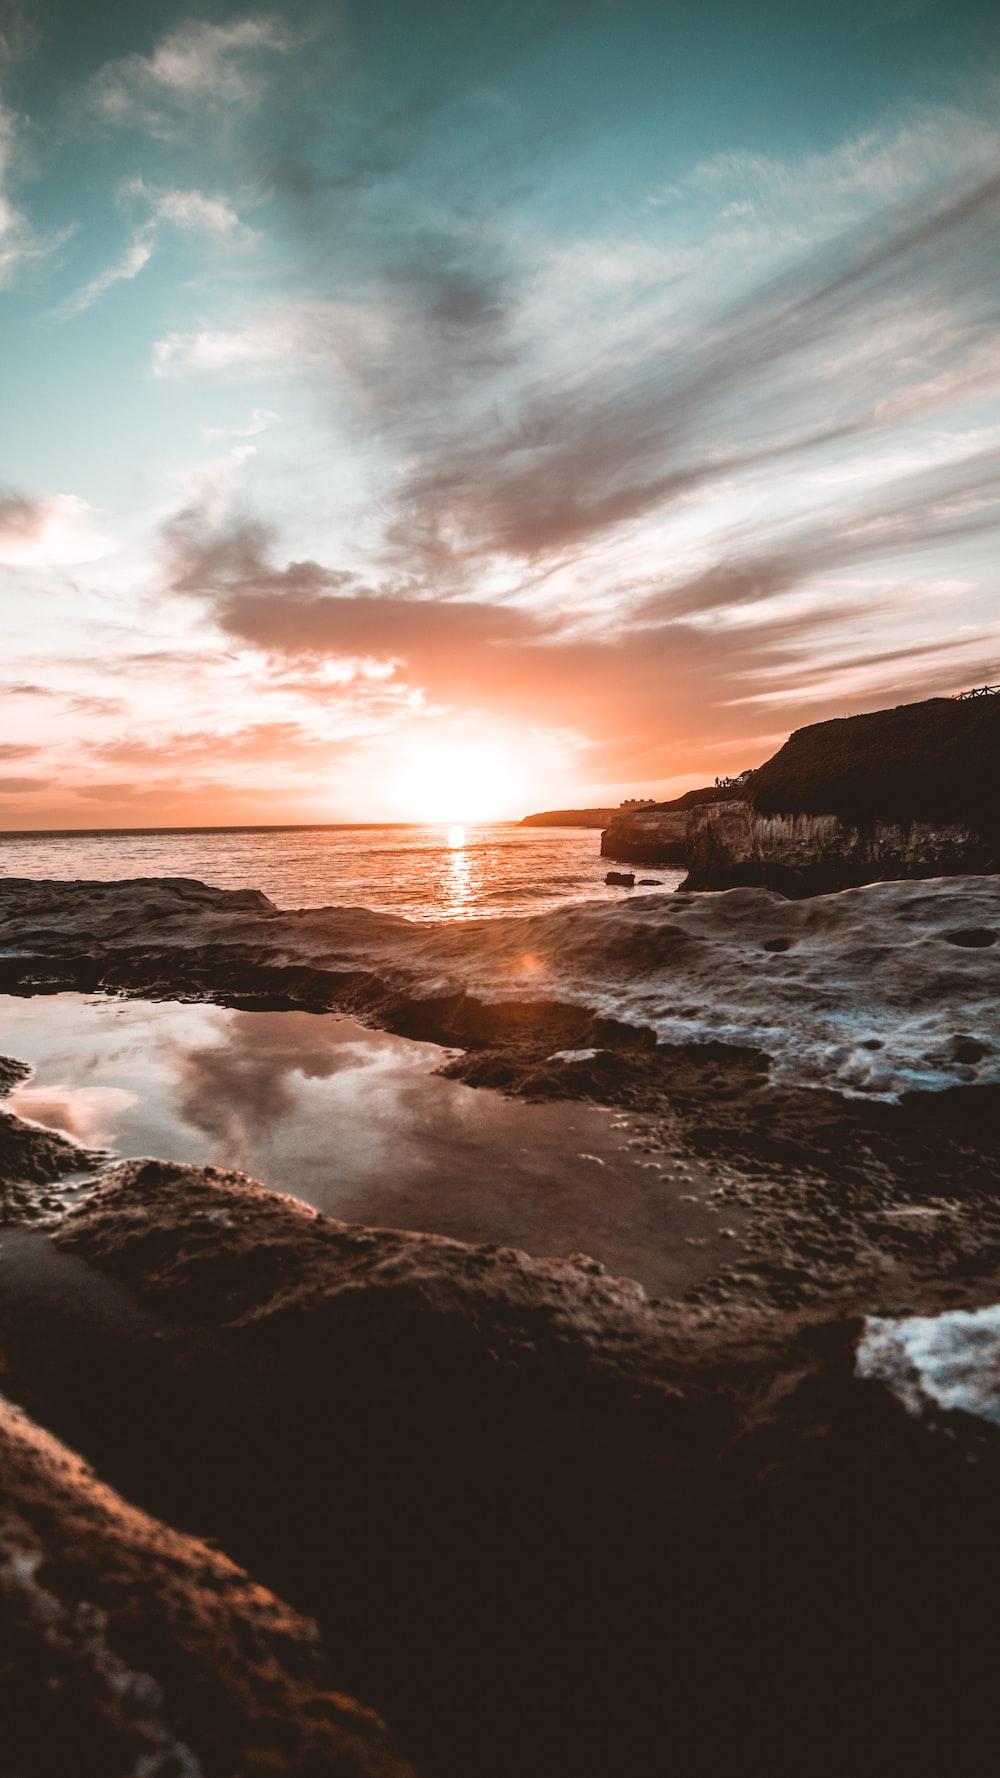 rocks in ocean during golden hour